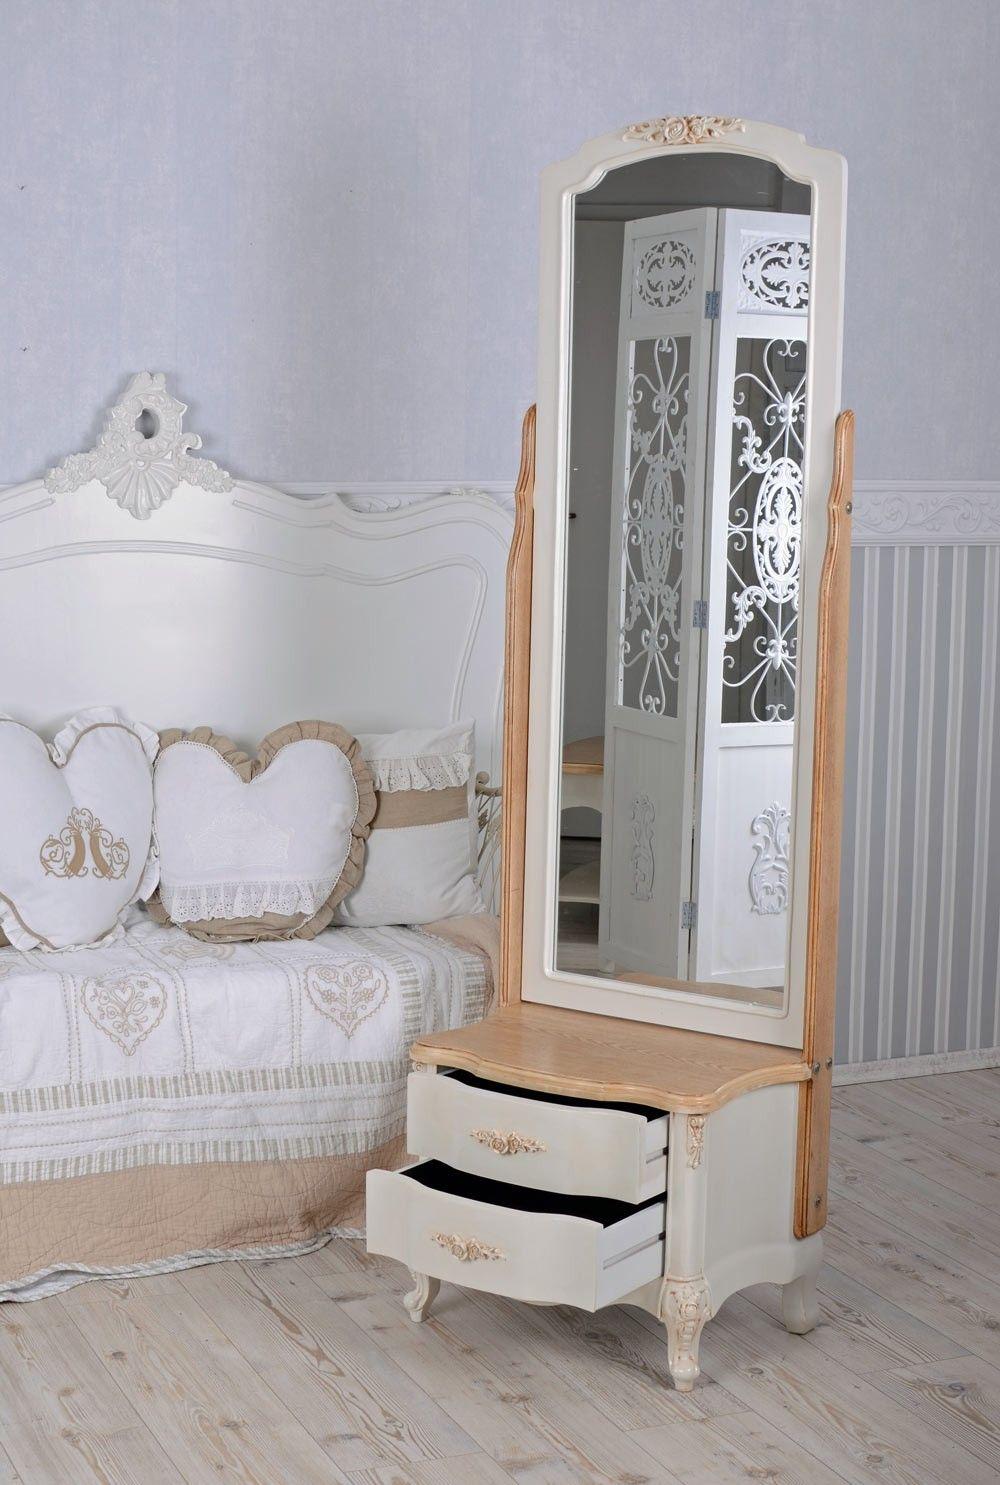 Standspiegel Vintage Spiegel Toilettenspiegel Shabby Chic